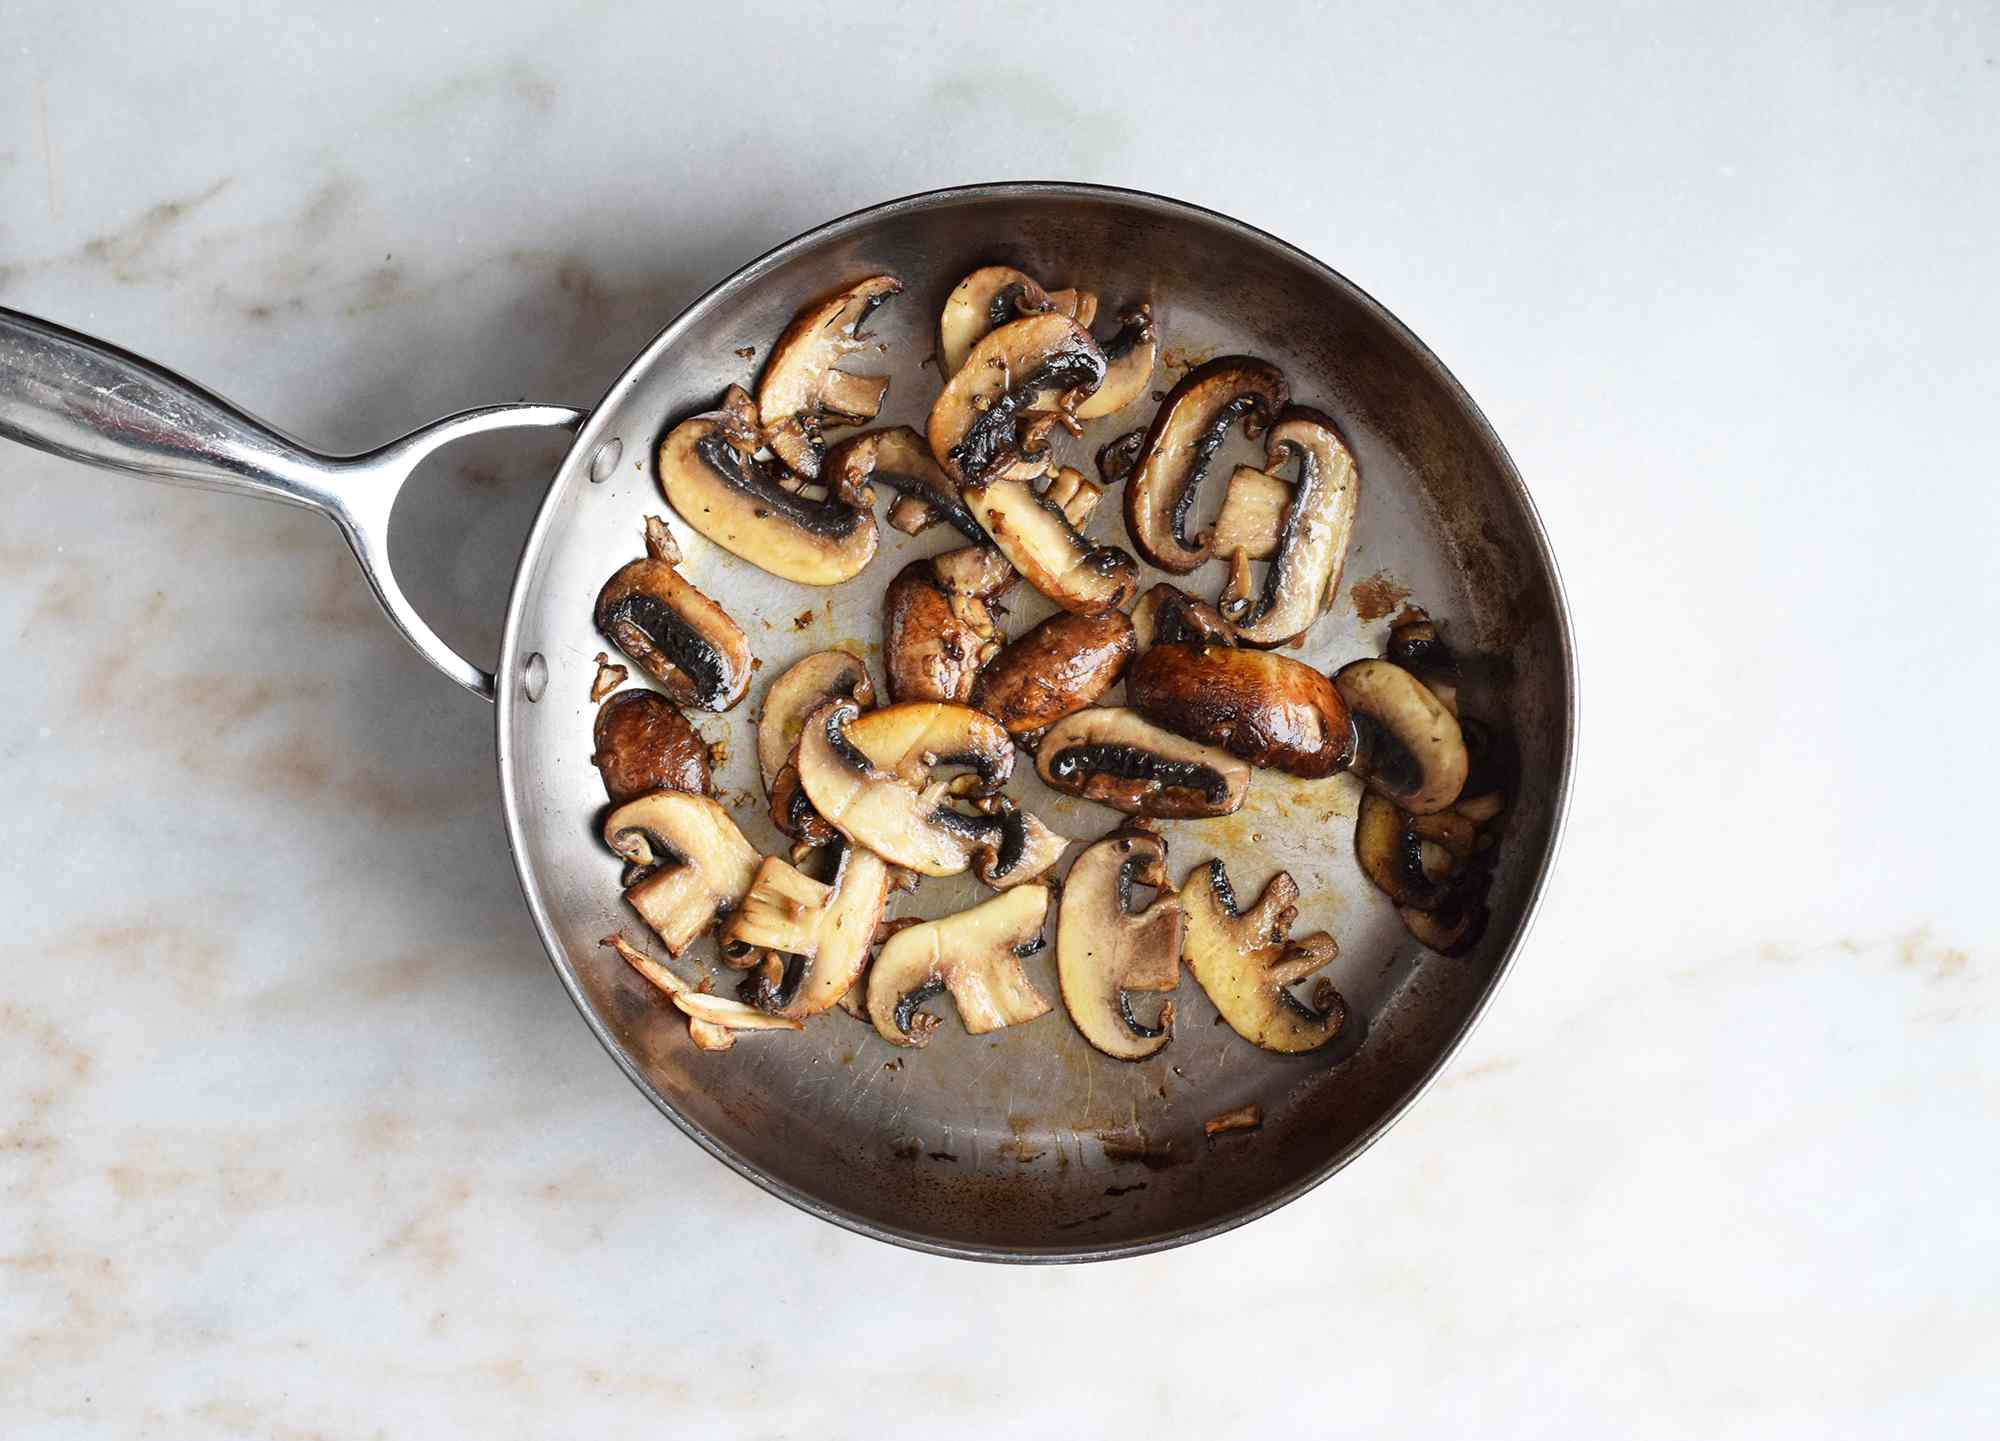 mushrooms sautéing in a skillet